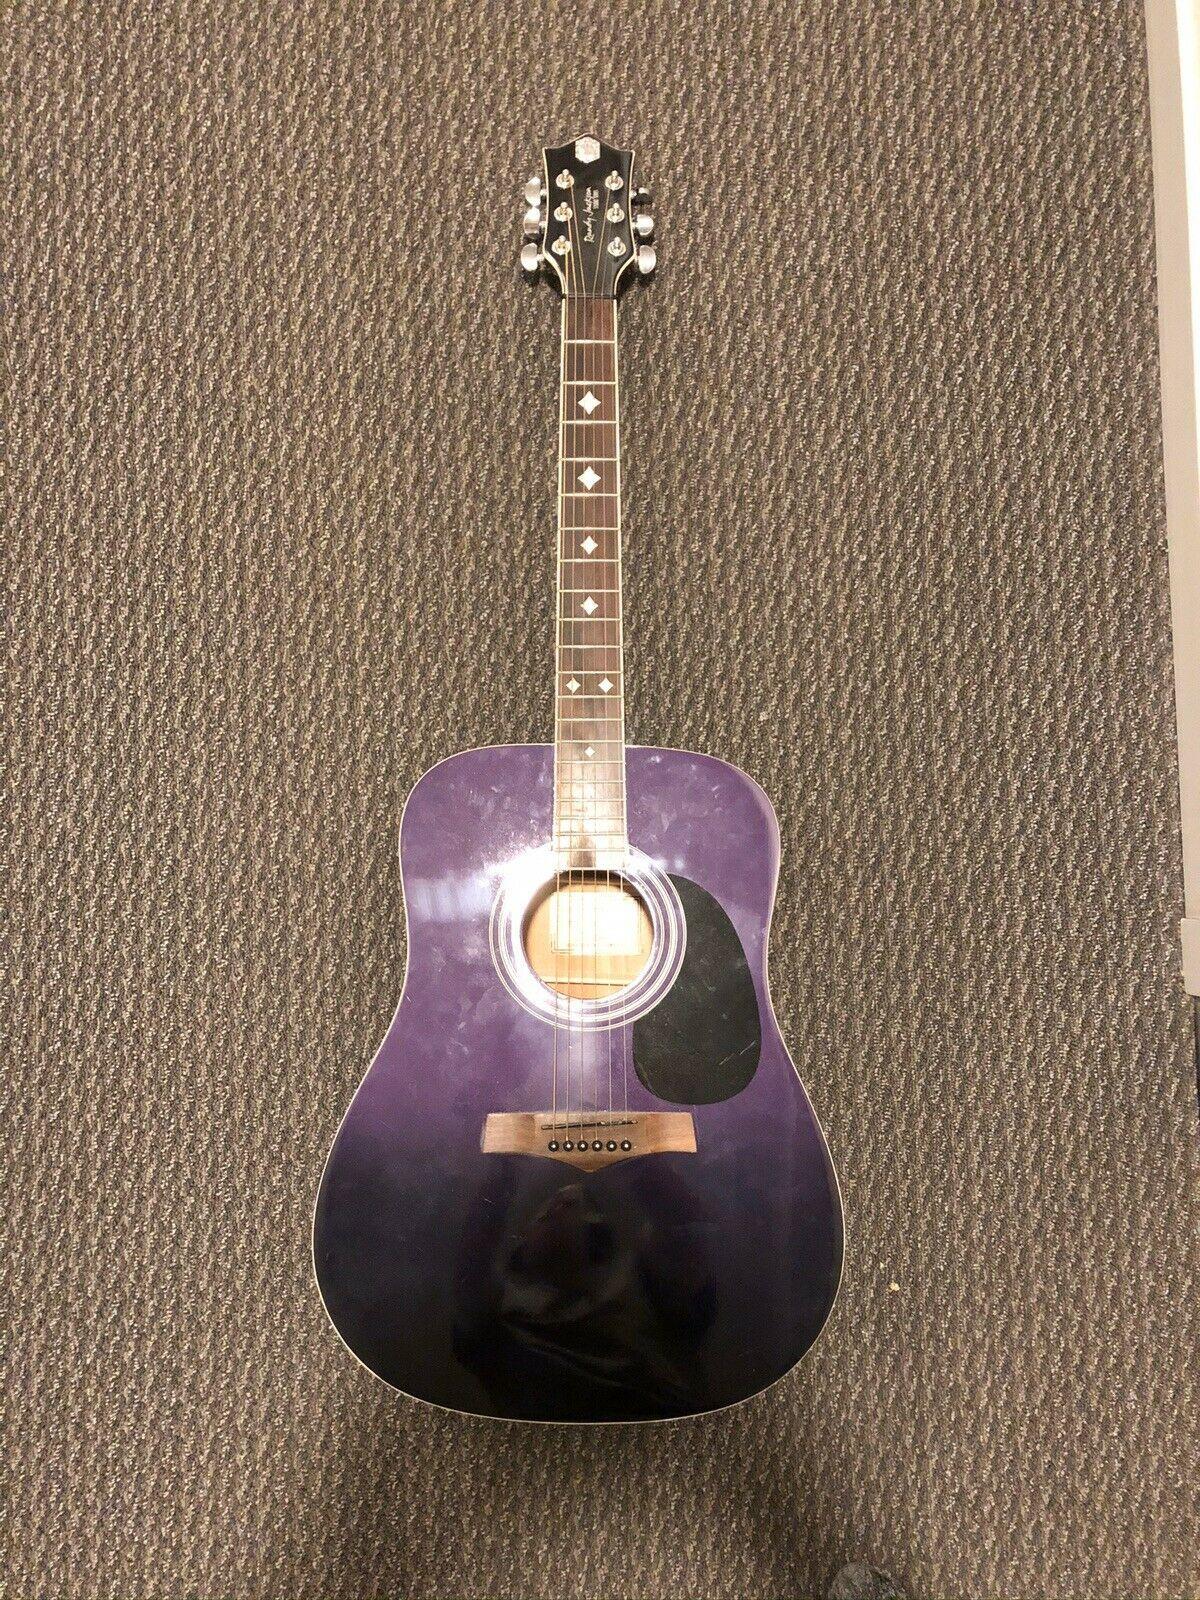 Randy Jackson Acoustic Guitar Acoustic Guitar Ideas Of Acoustic Guitar Acousticguitar Guitar Music Acoustic Guitar Guitar Fender Acoustic Guitar